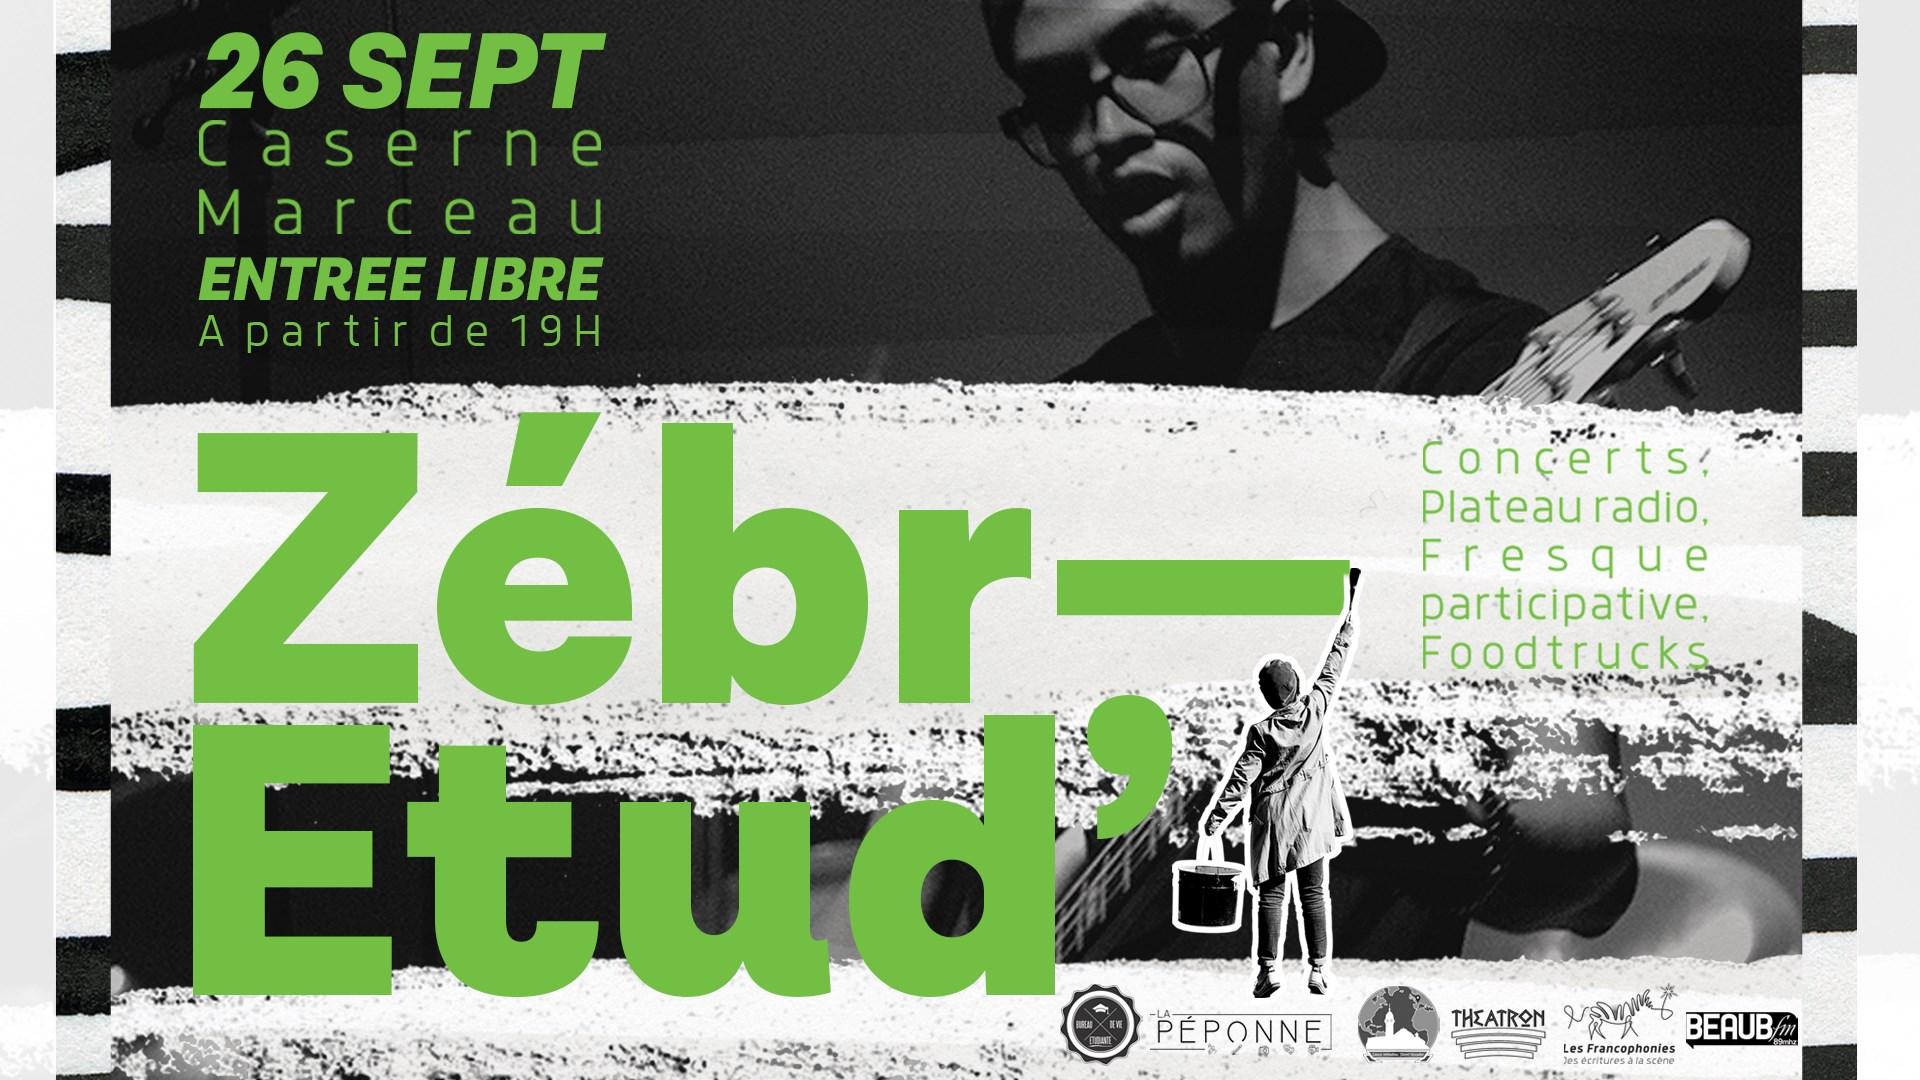 Limoges : Soirée étudiante Zébr'Etud